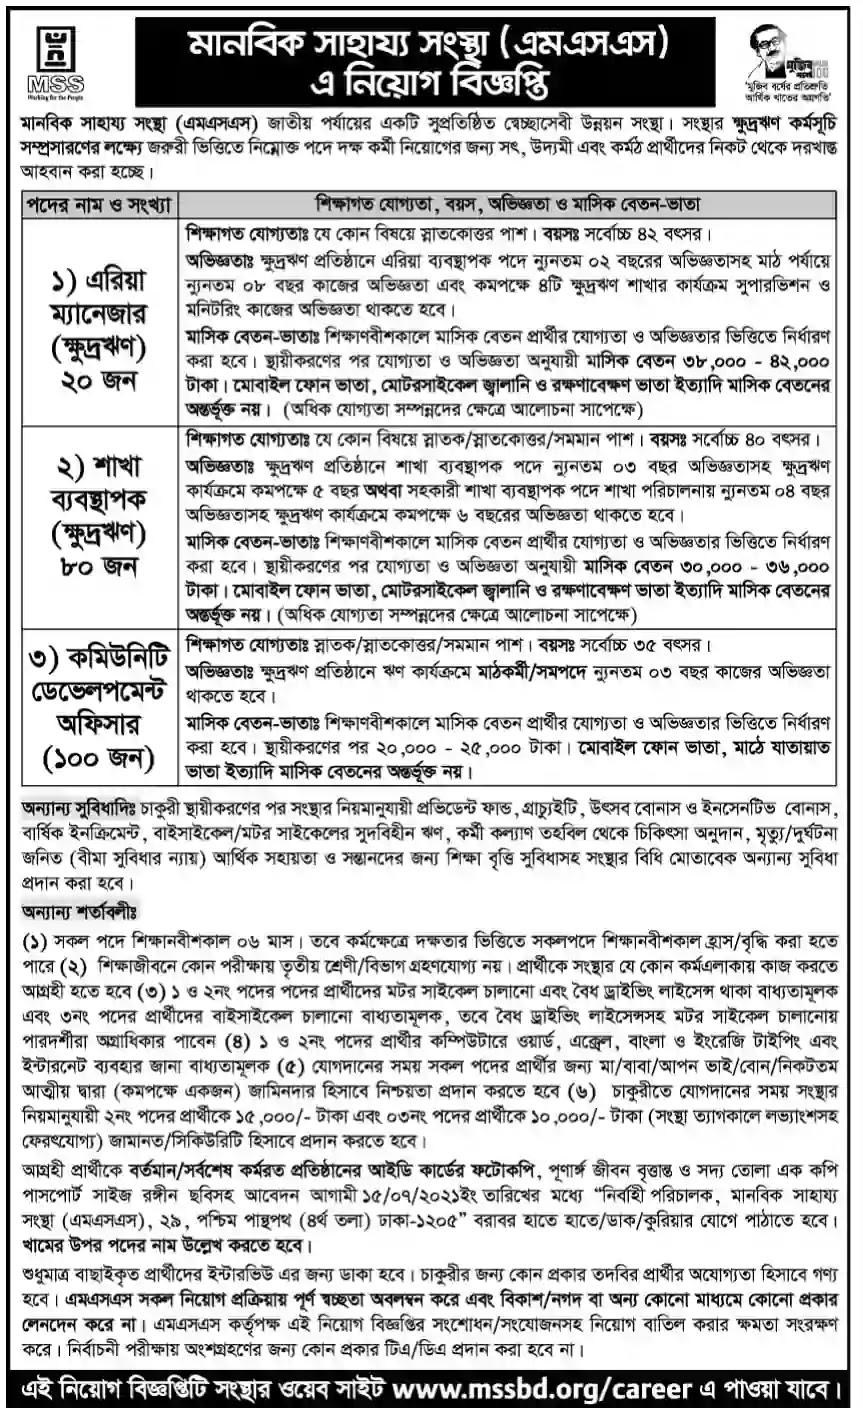 Manabik Shahajya Sangstha (MSS) Job Circular 2021